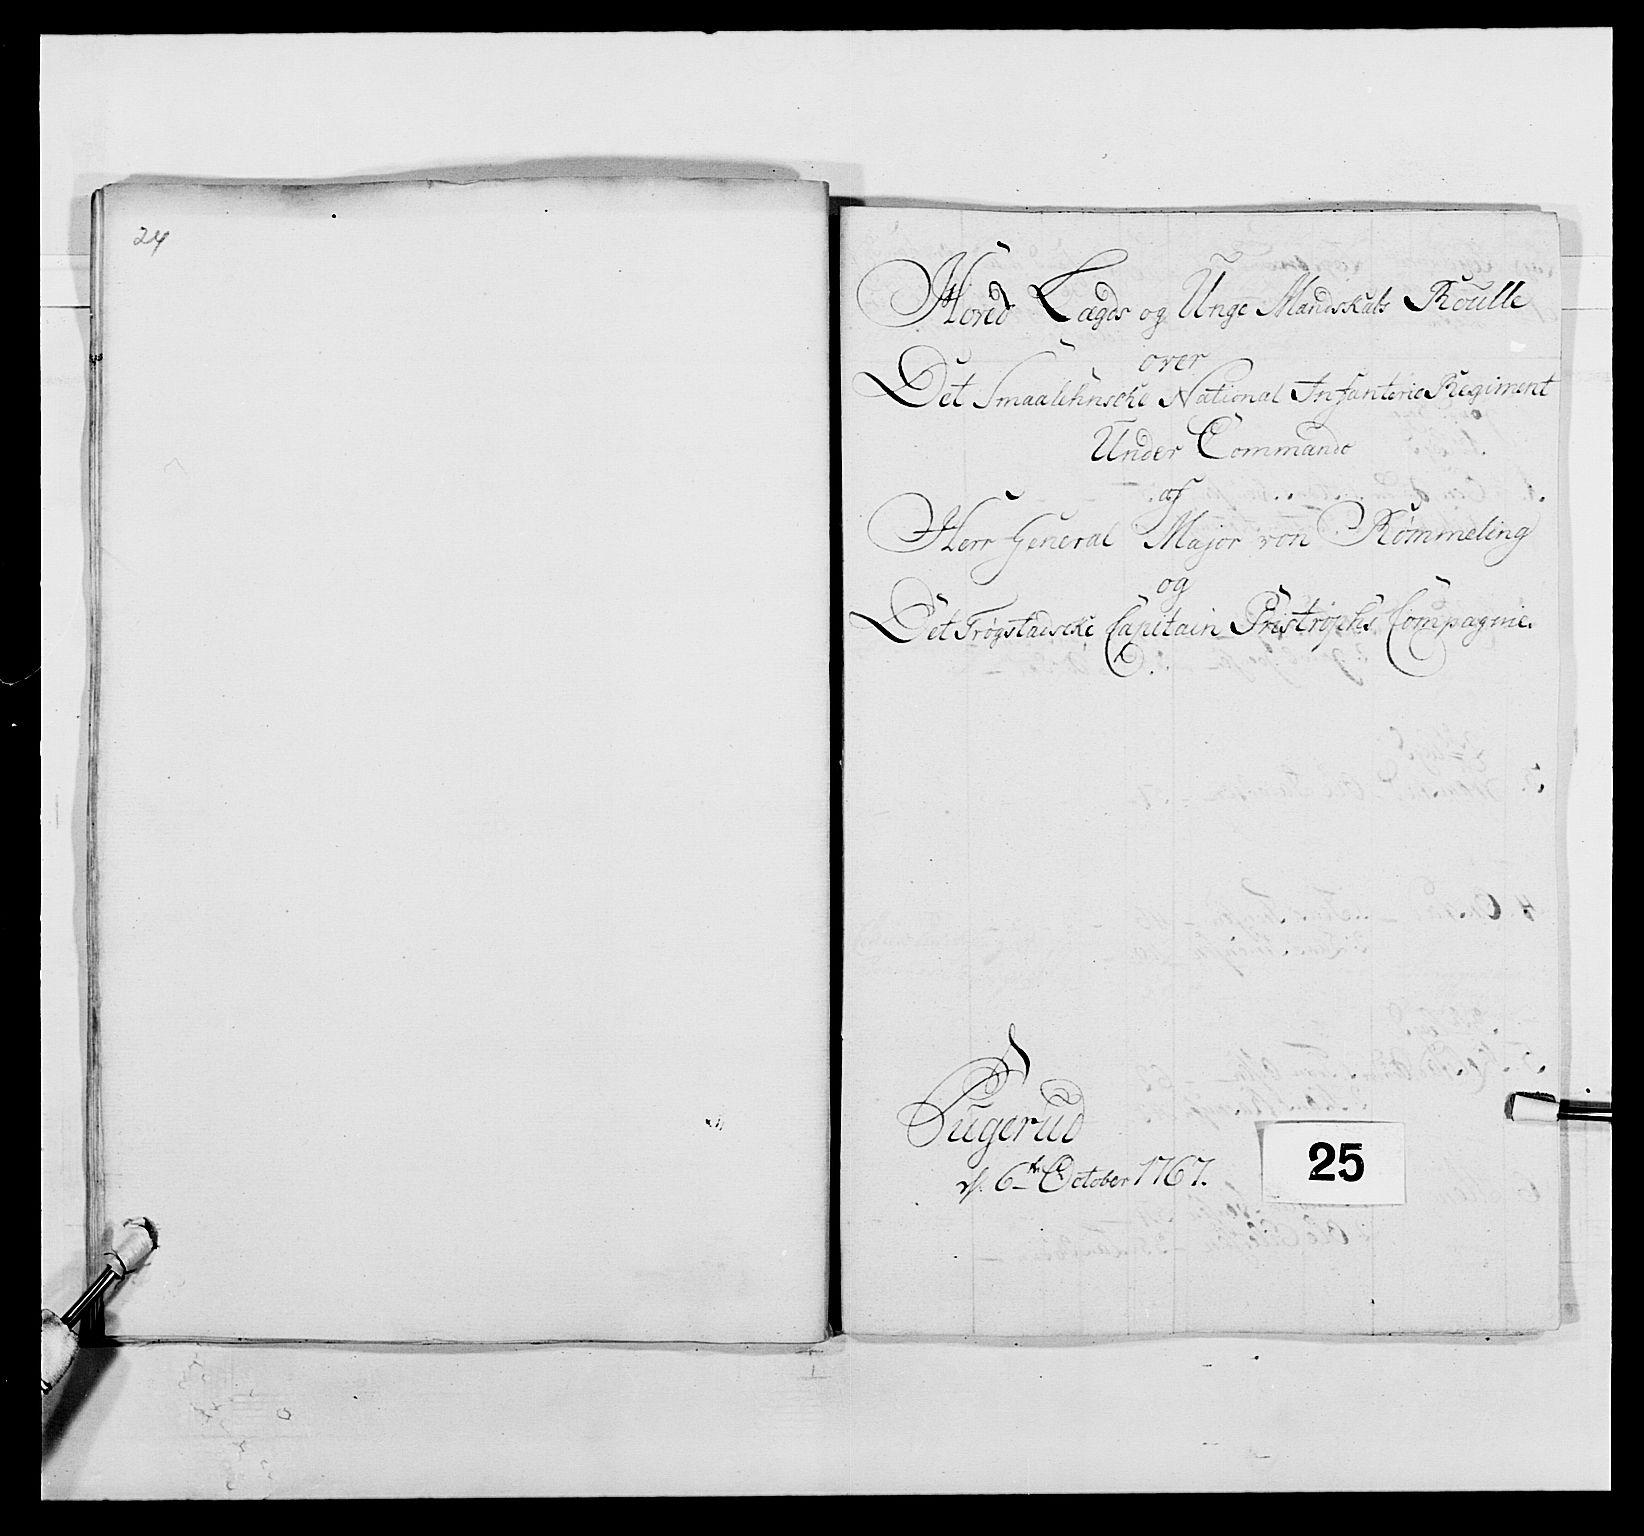 RA, Kommanderende general (KG I) med Det norske krigsdirektorium, E/Ea/L0496: 1. Smålenske regiment, 1765-1767, s. 454